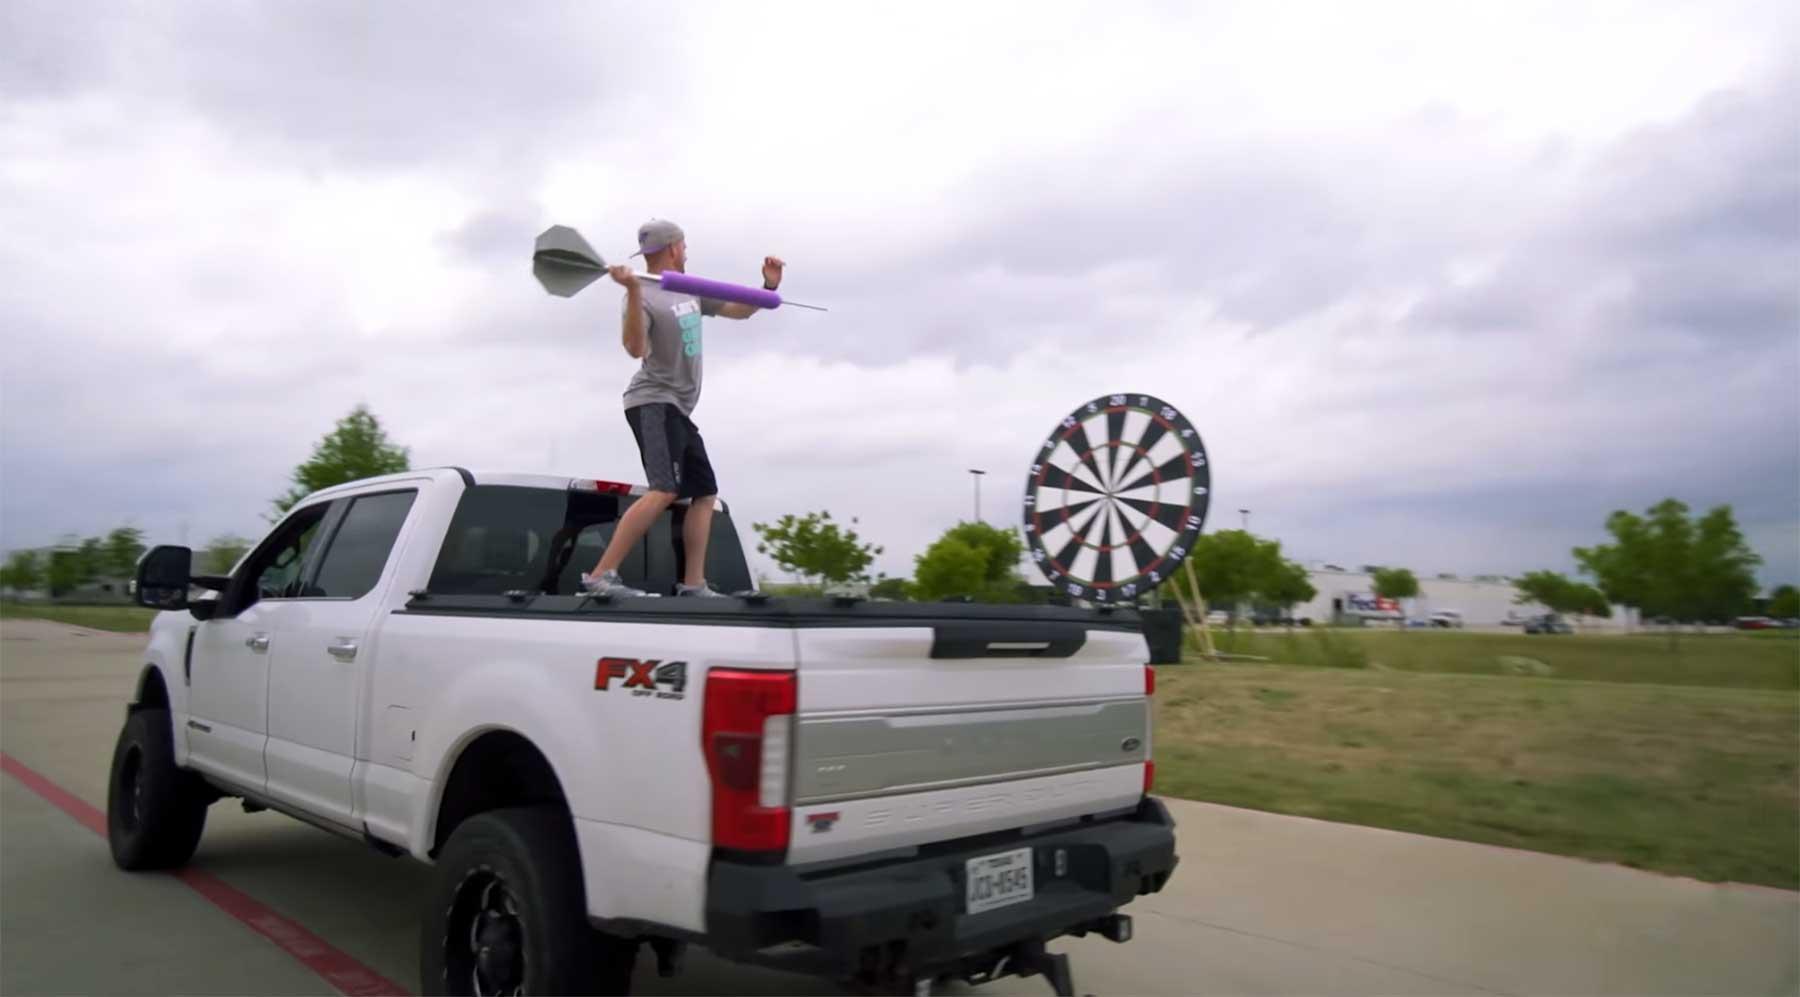 Gigantische Dartpfeile von fahrendem Truck auf riesige Dartscheibe werfen